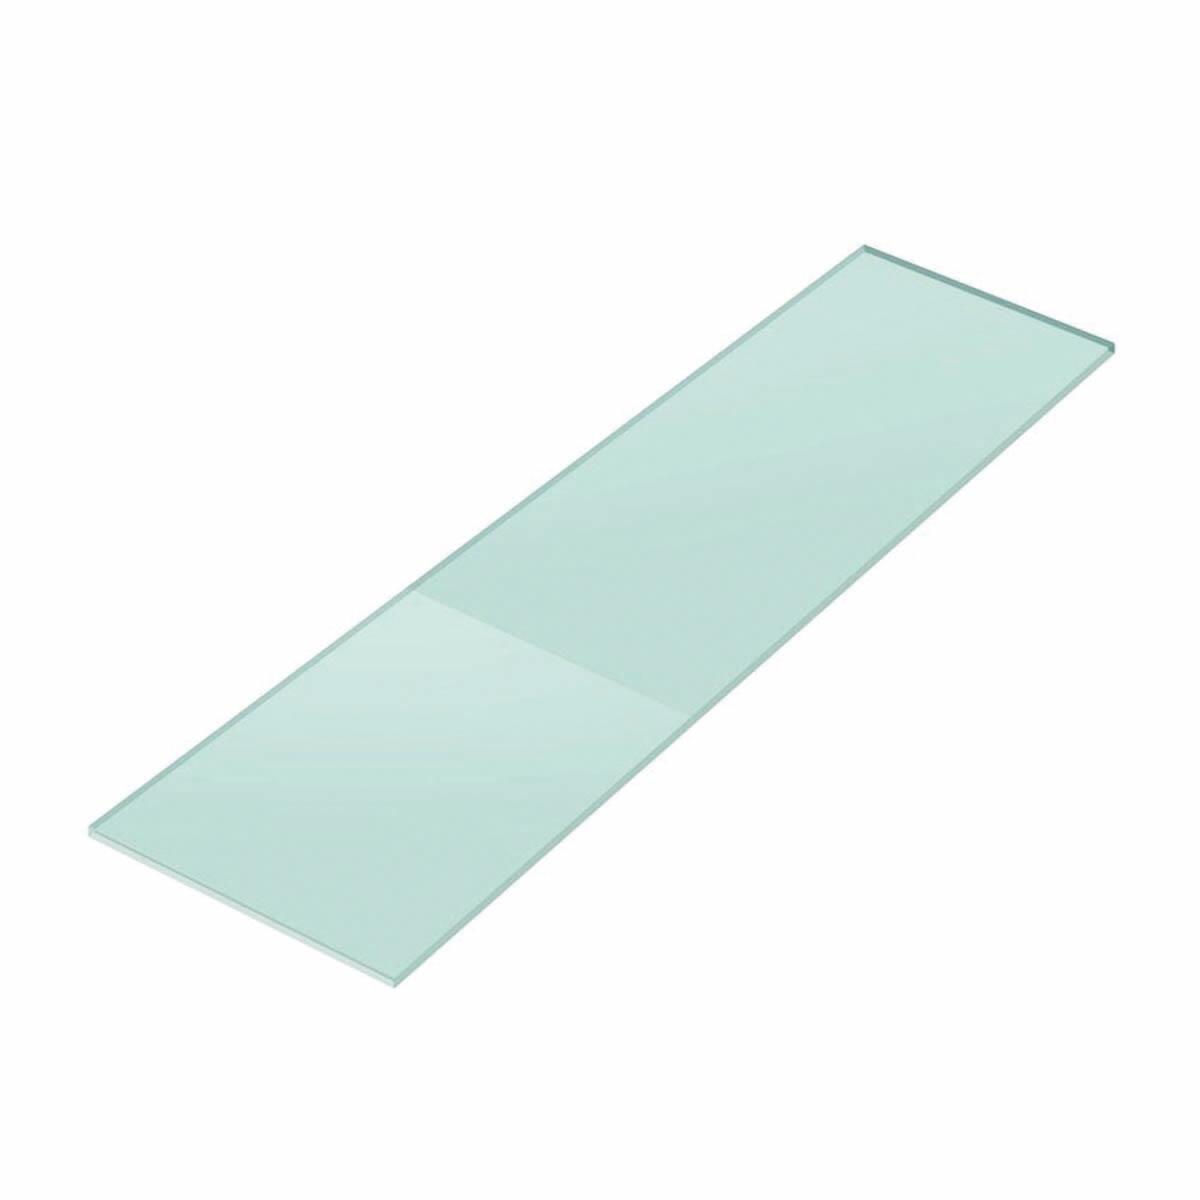 Vetro ripiano trasparente L 20 x H 40 cm, Sp 10 mm